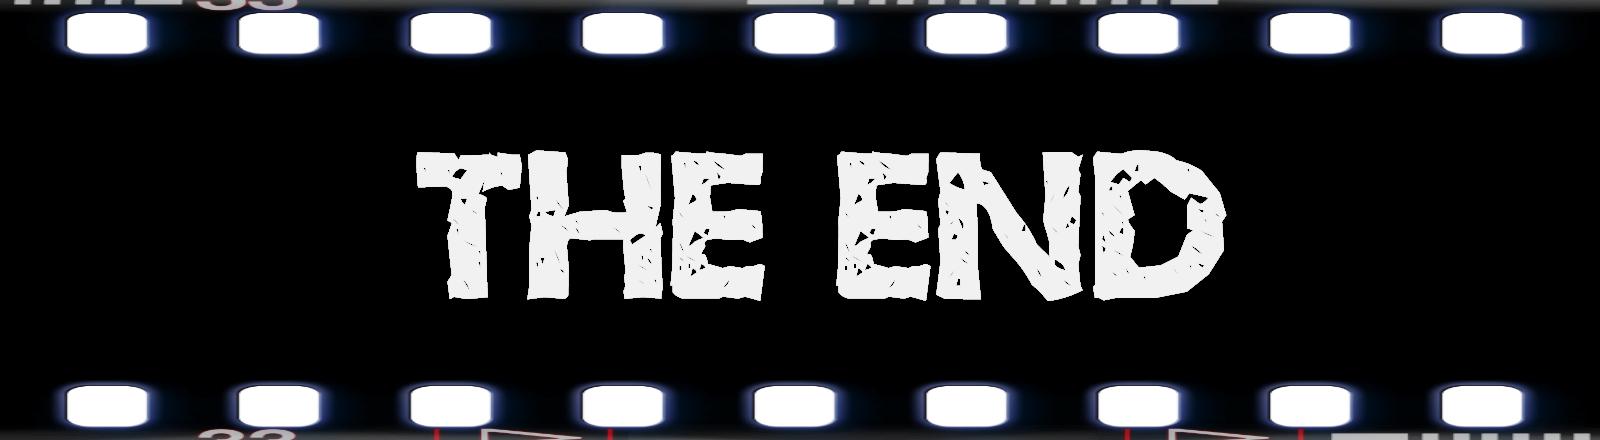 Abspann Ende Film